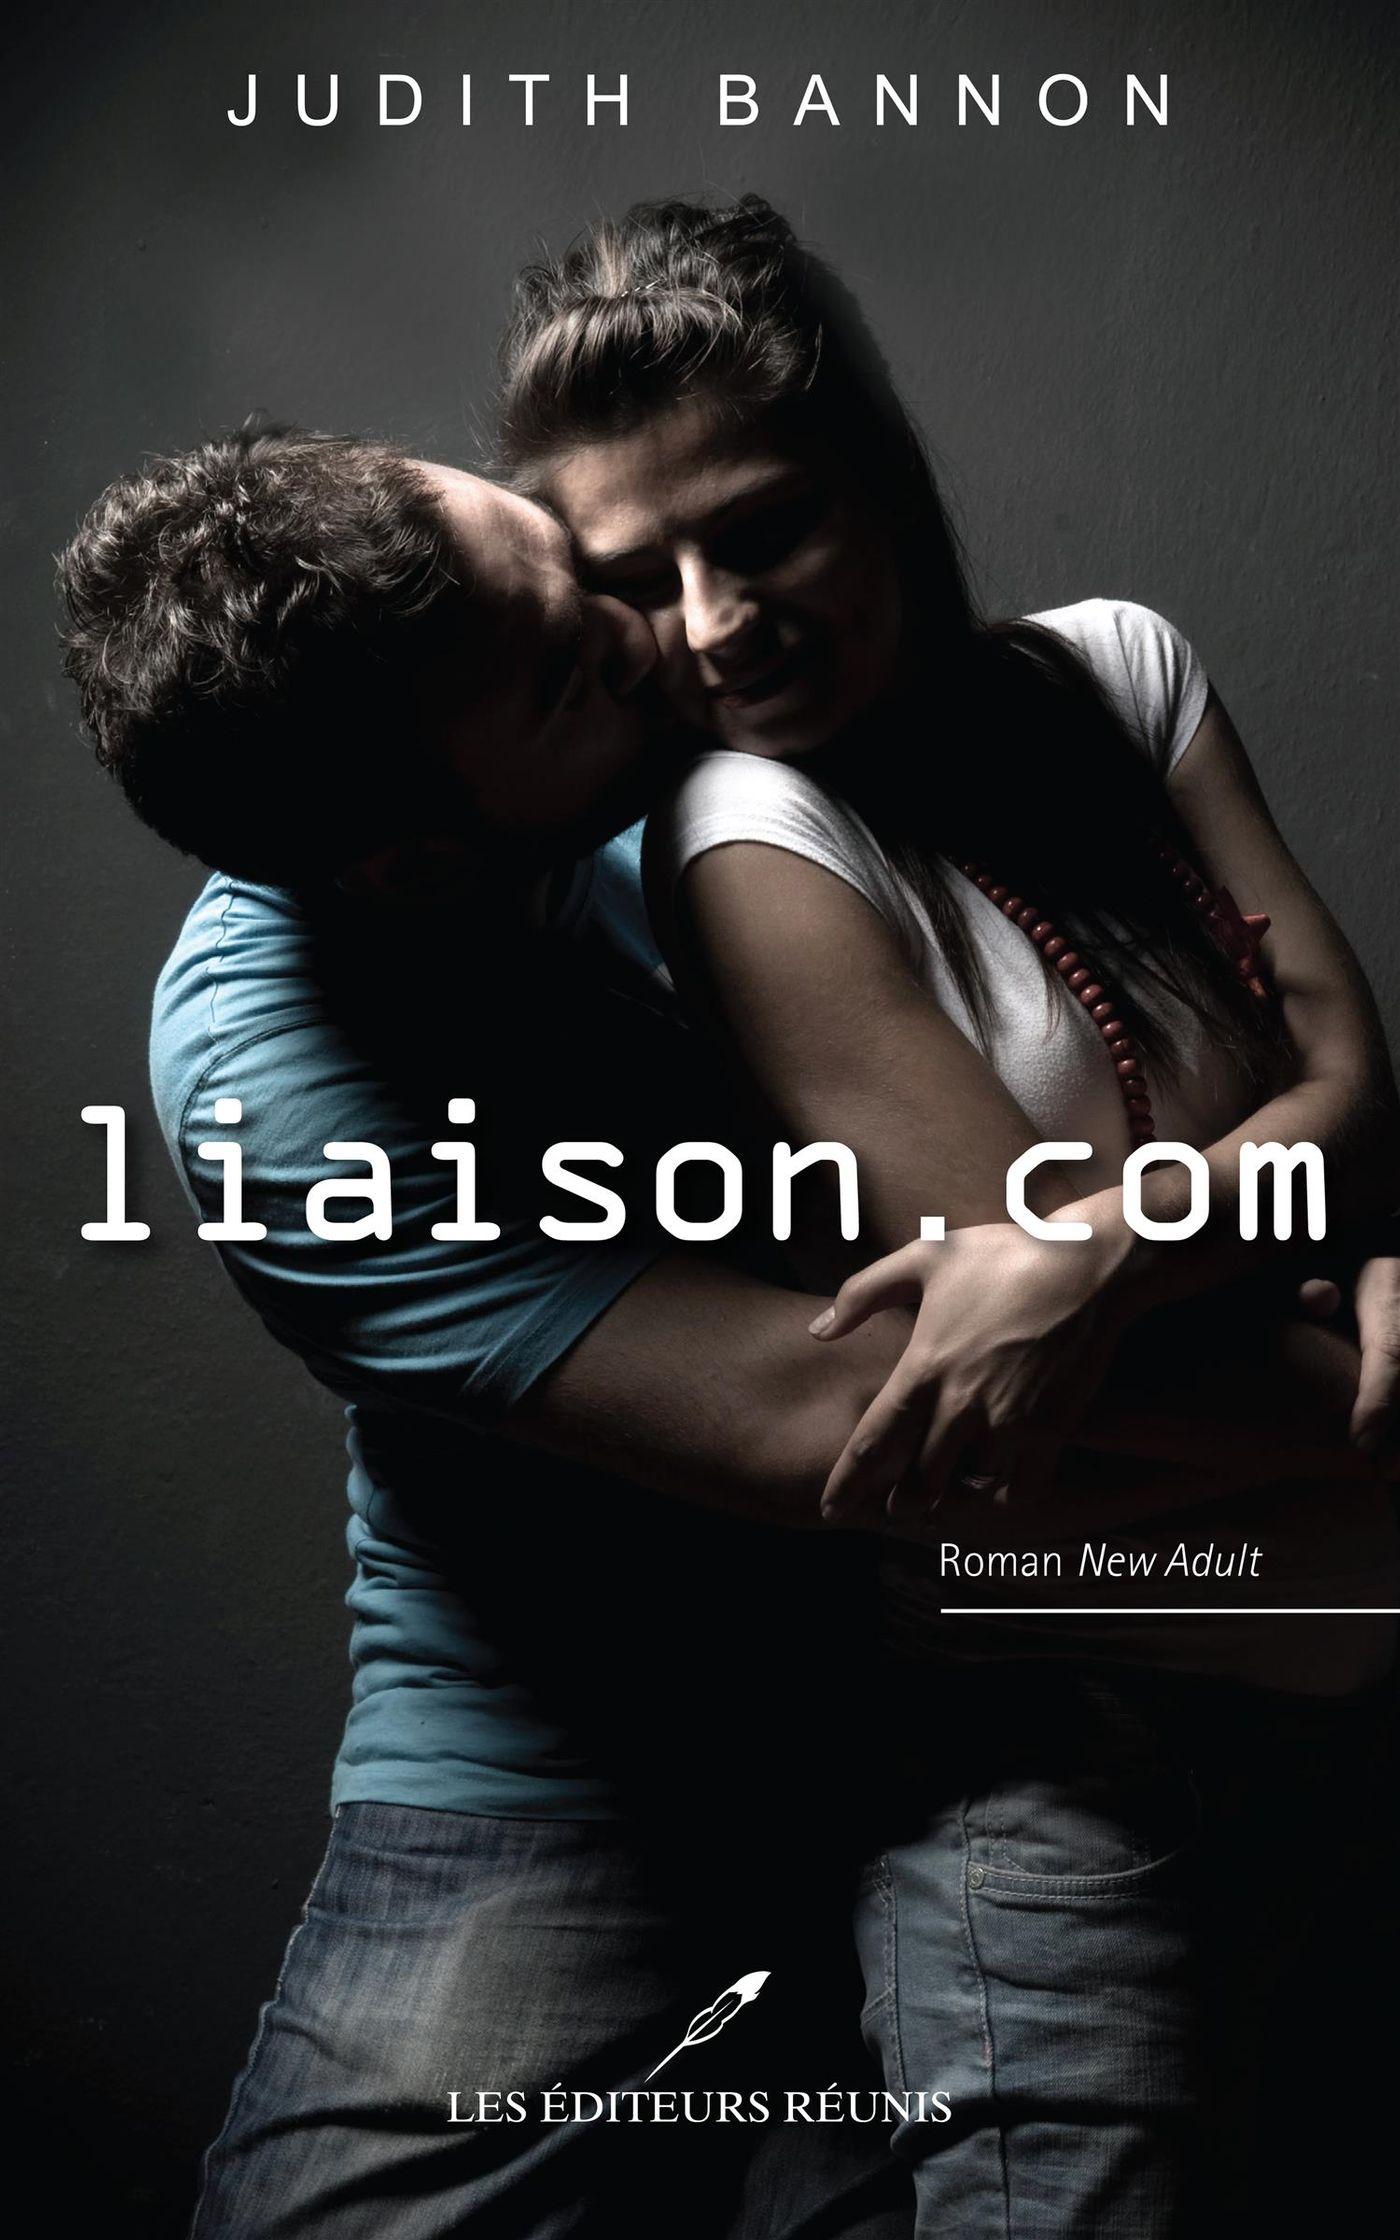 liaison.com